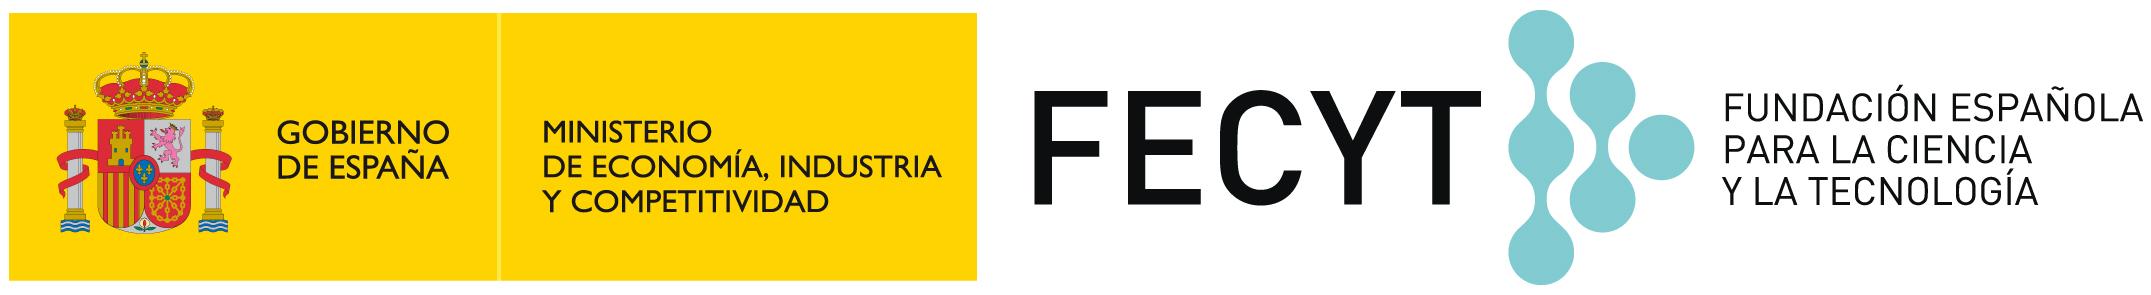 Fecyt_logo